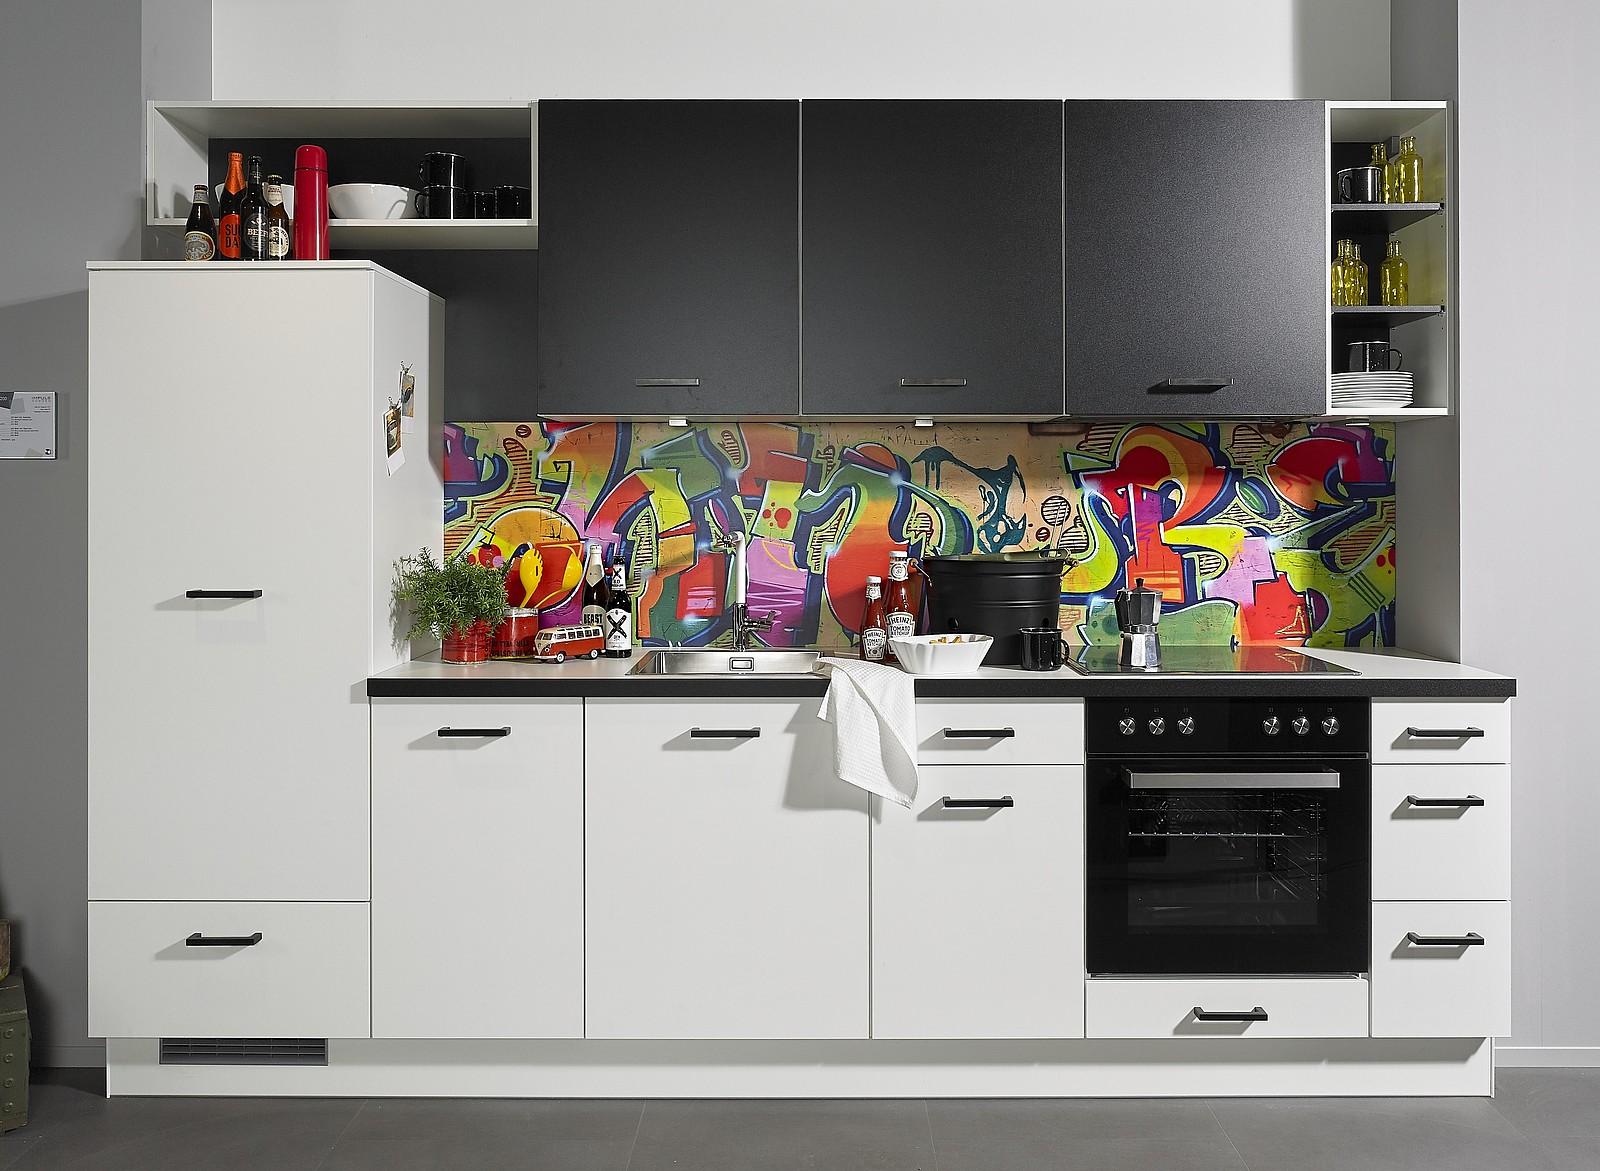 Full Size of Küche Zweifarbig Edelstahlküche Einbauküche Mit Elektrogeräten Modulküche Fliesen Für Aufbewahrungsbehälter Deckenleuchte Industrielook Kaufen Ikea Wohnzimmer Küche Zweifarbig